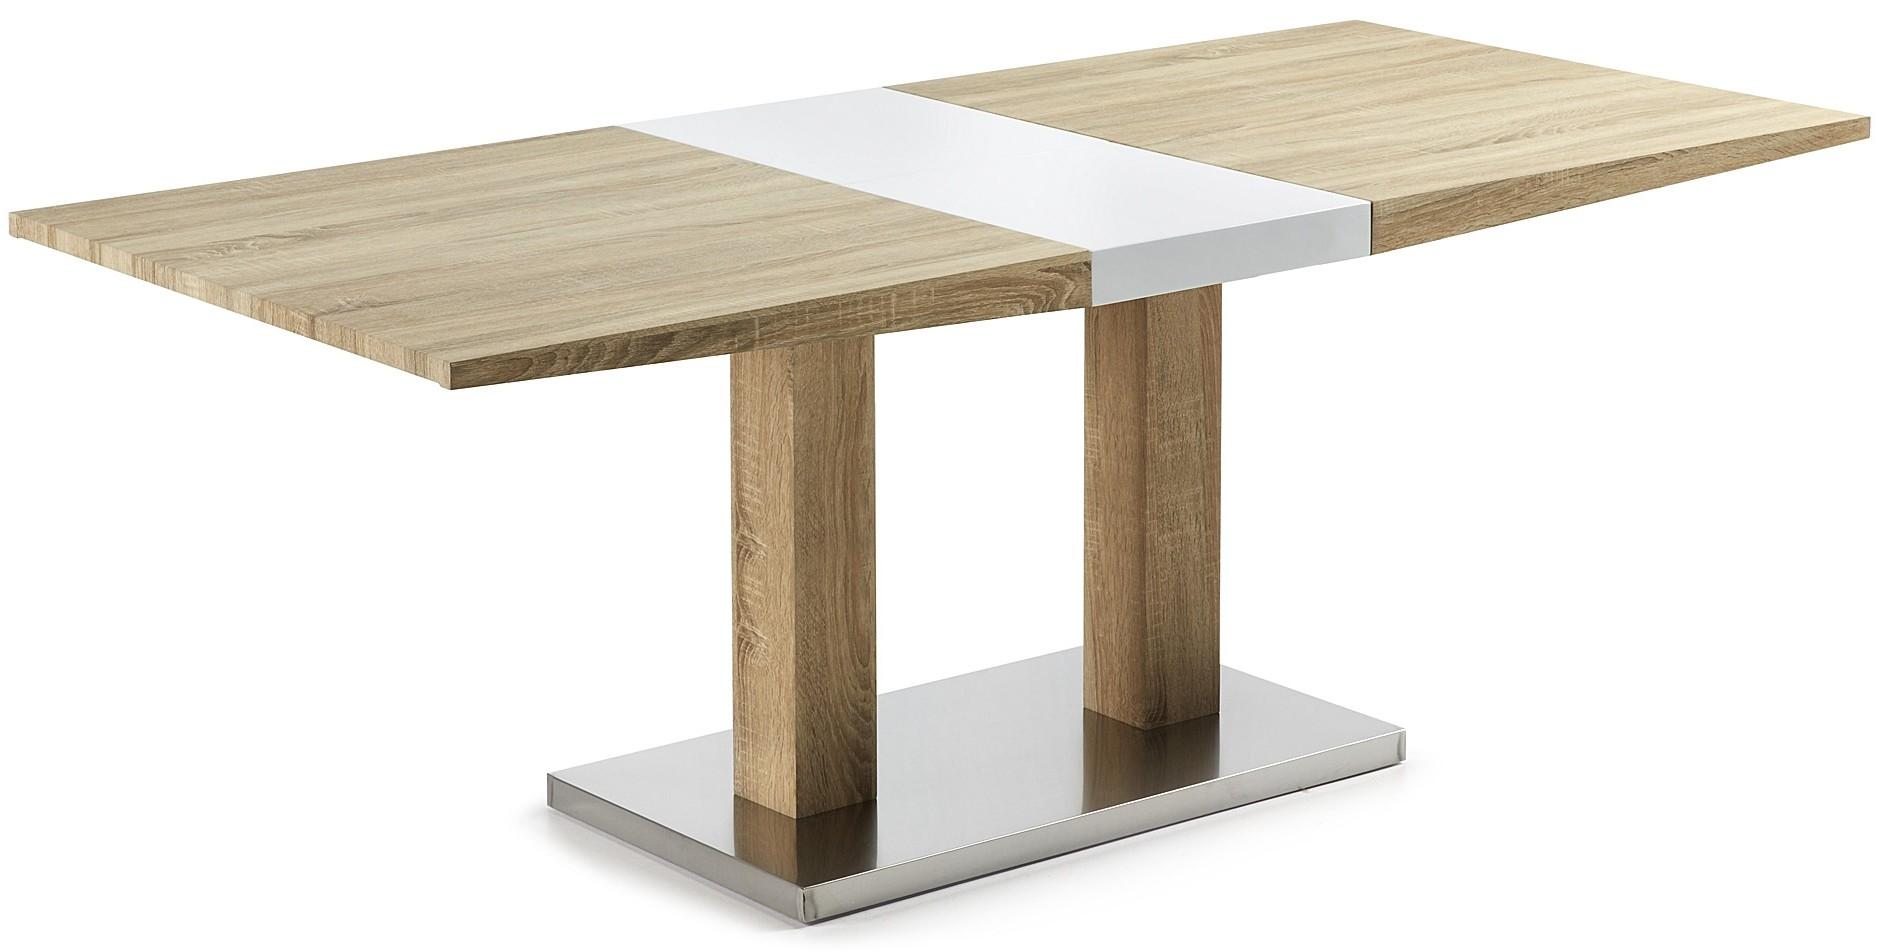 Laforma uitschuifbare tafel zentosa 160230 x 90 cm wit for Uitschuifbare eettafel